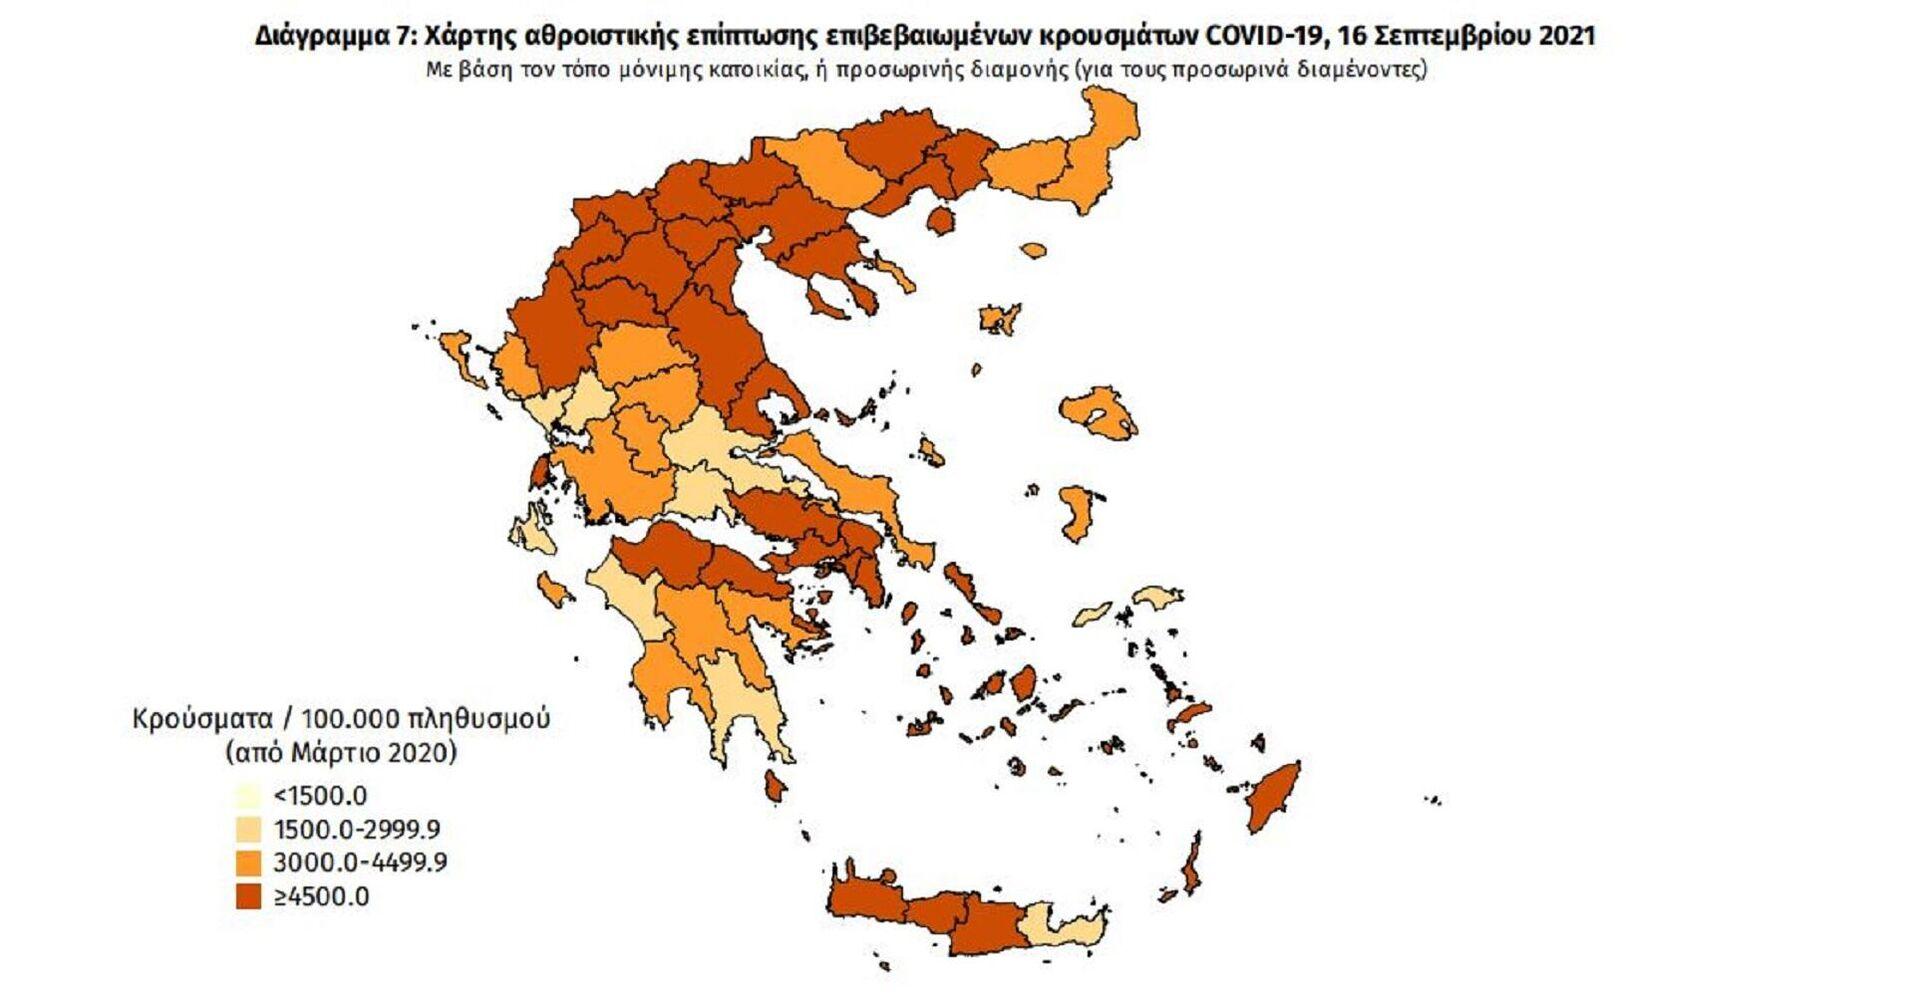 Χάρτης αθροιστικής επίπτωσης επιβεβαιωμένων κρουσμάτων COVID-19, 16 Σεπτεμβρίου 2021 - Sputnik Ελλάδα, 1920, 16.09.2021